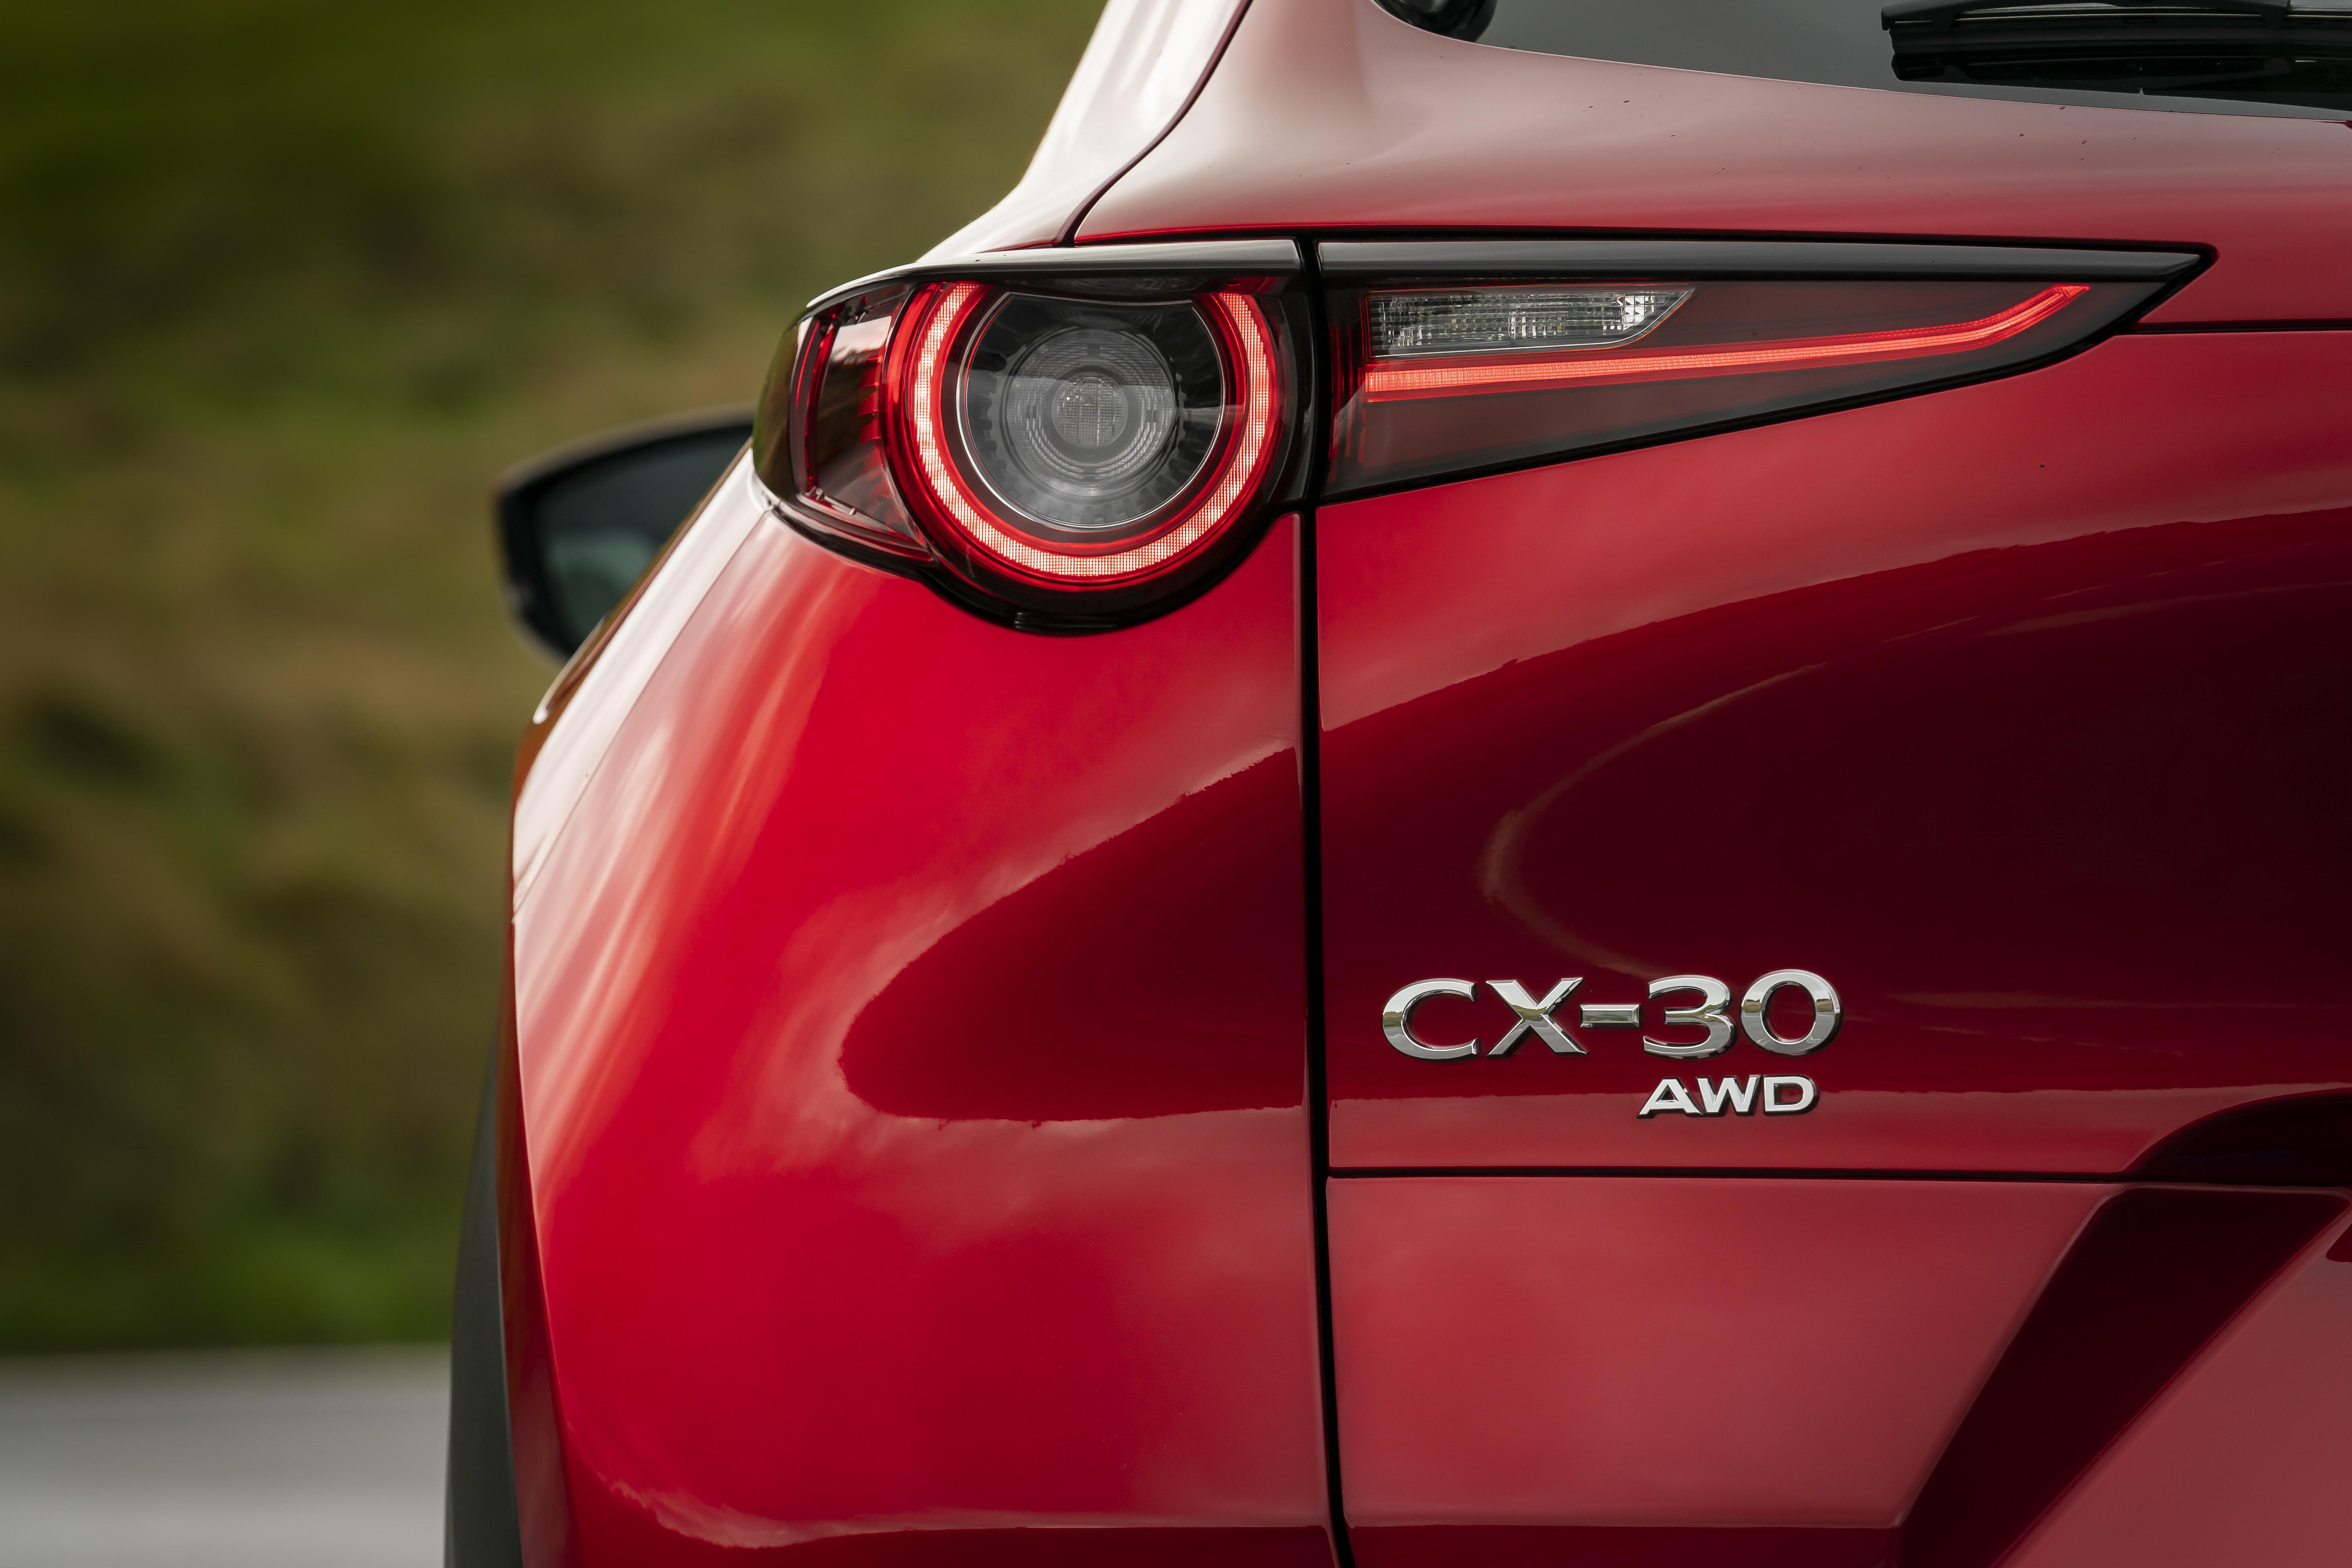 CX-30 detail